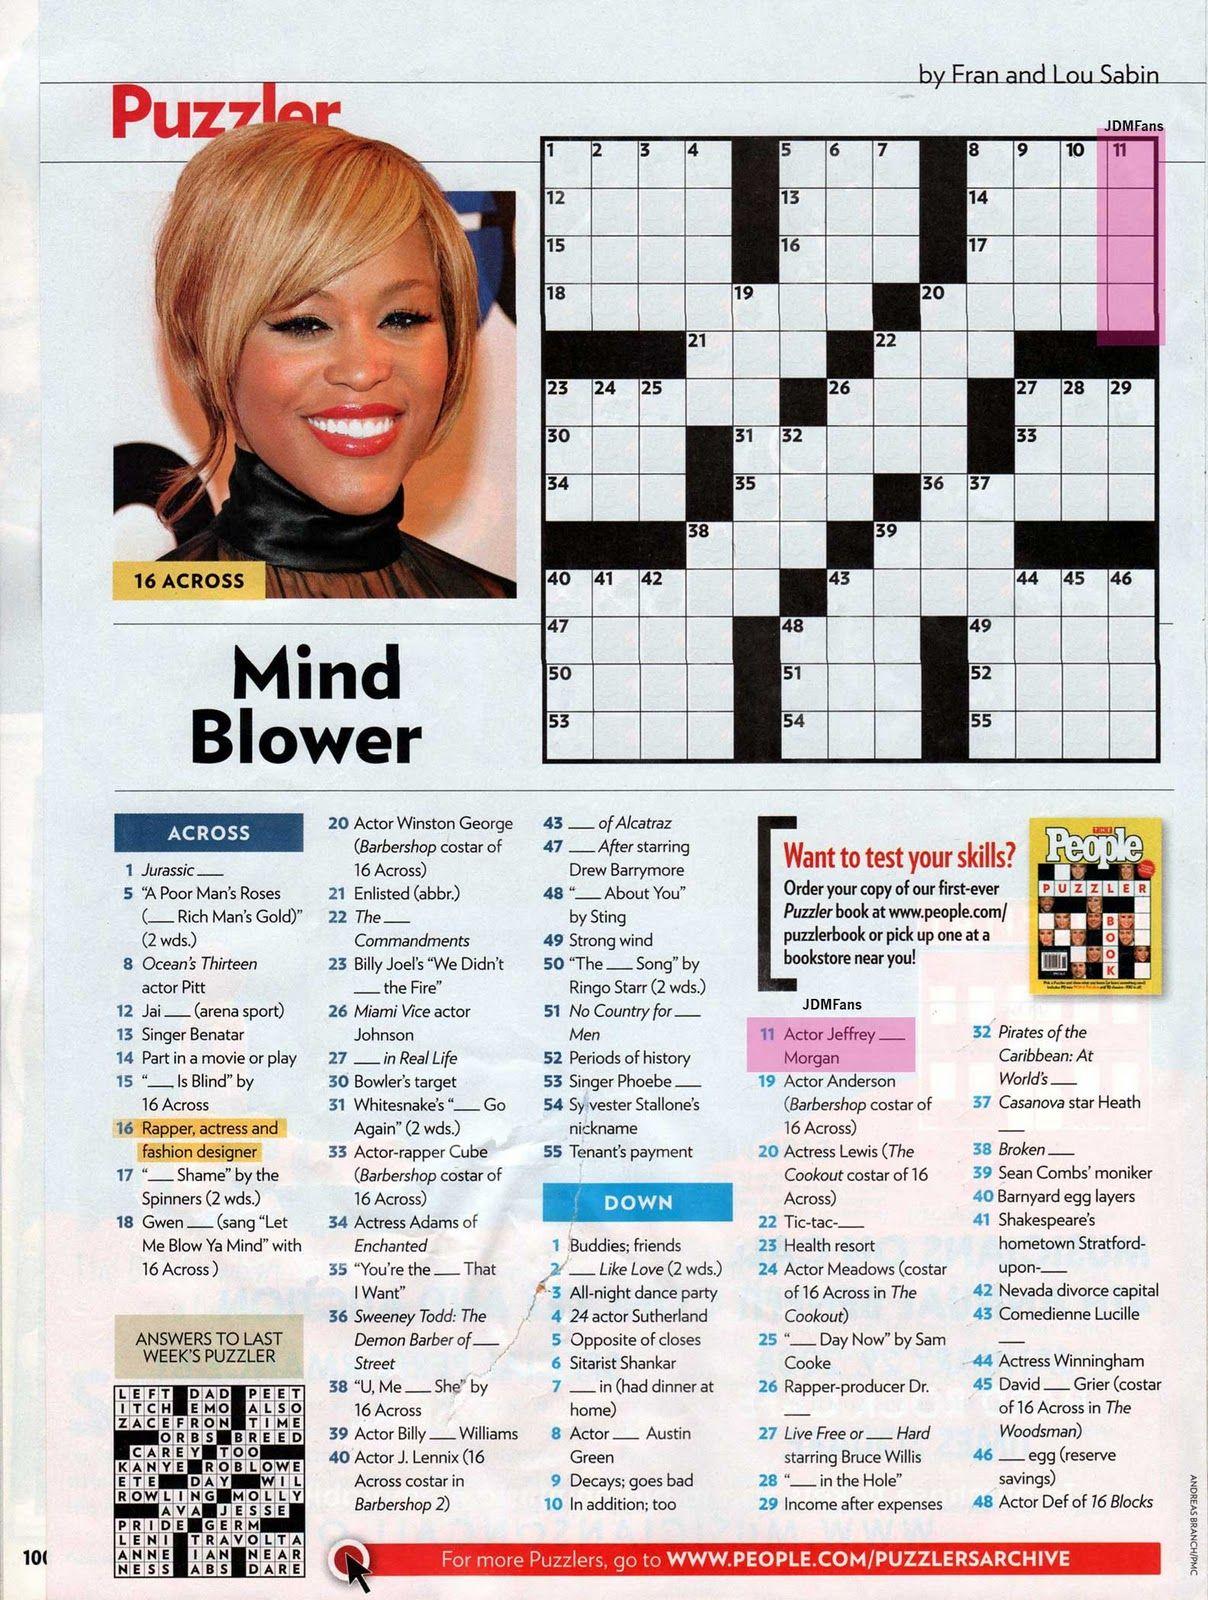 People Magazine Crossword Puzzles To Print | Puzzles In 2019 - Printable People Crossword Puzzles